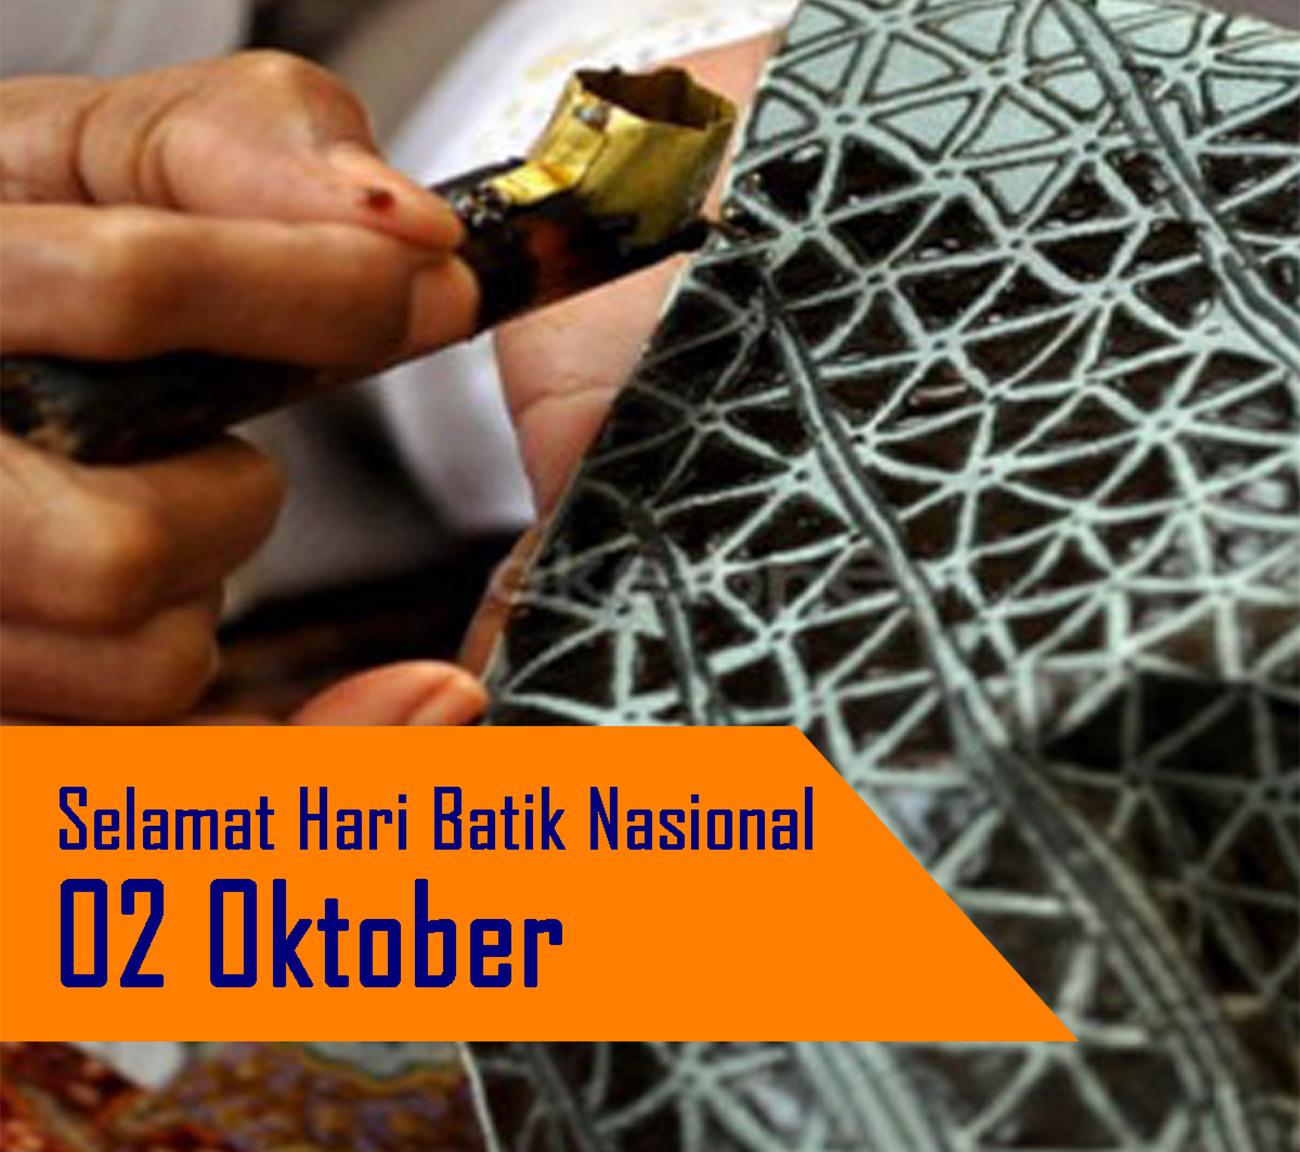 2 Oktober, Hari Batik Nasional